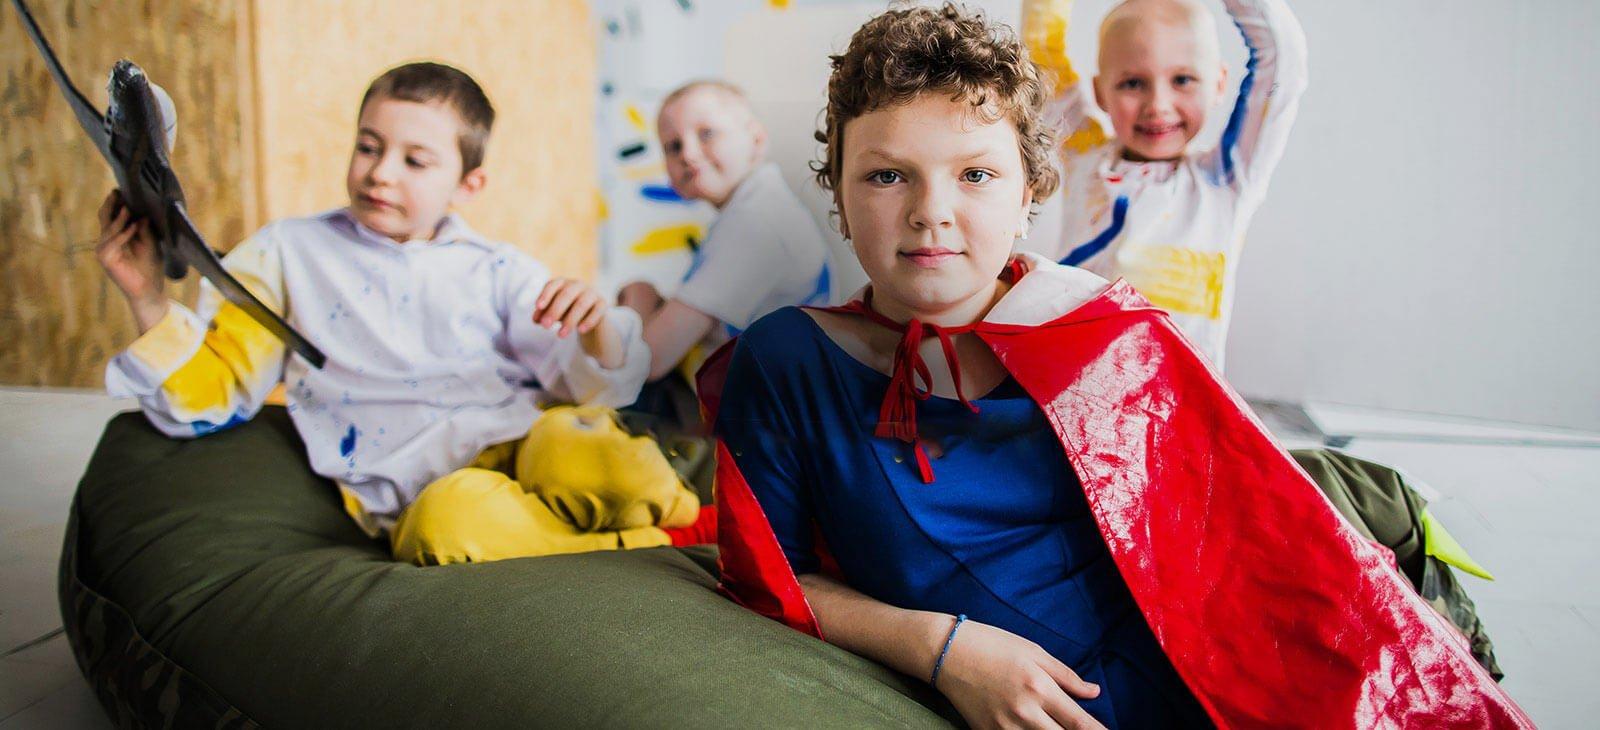 Bezpłatne turnusy dla dzieci walczących z chorobami nowotworowymi